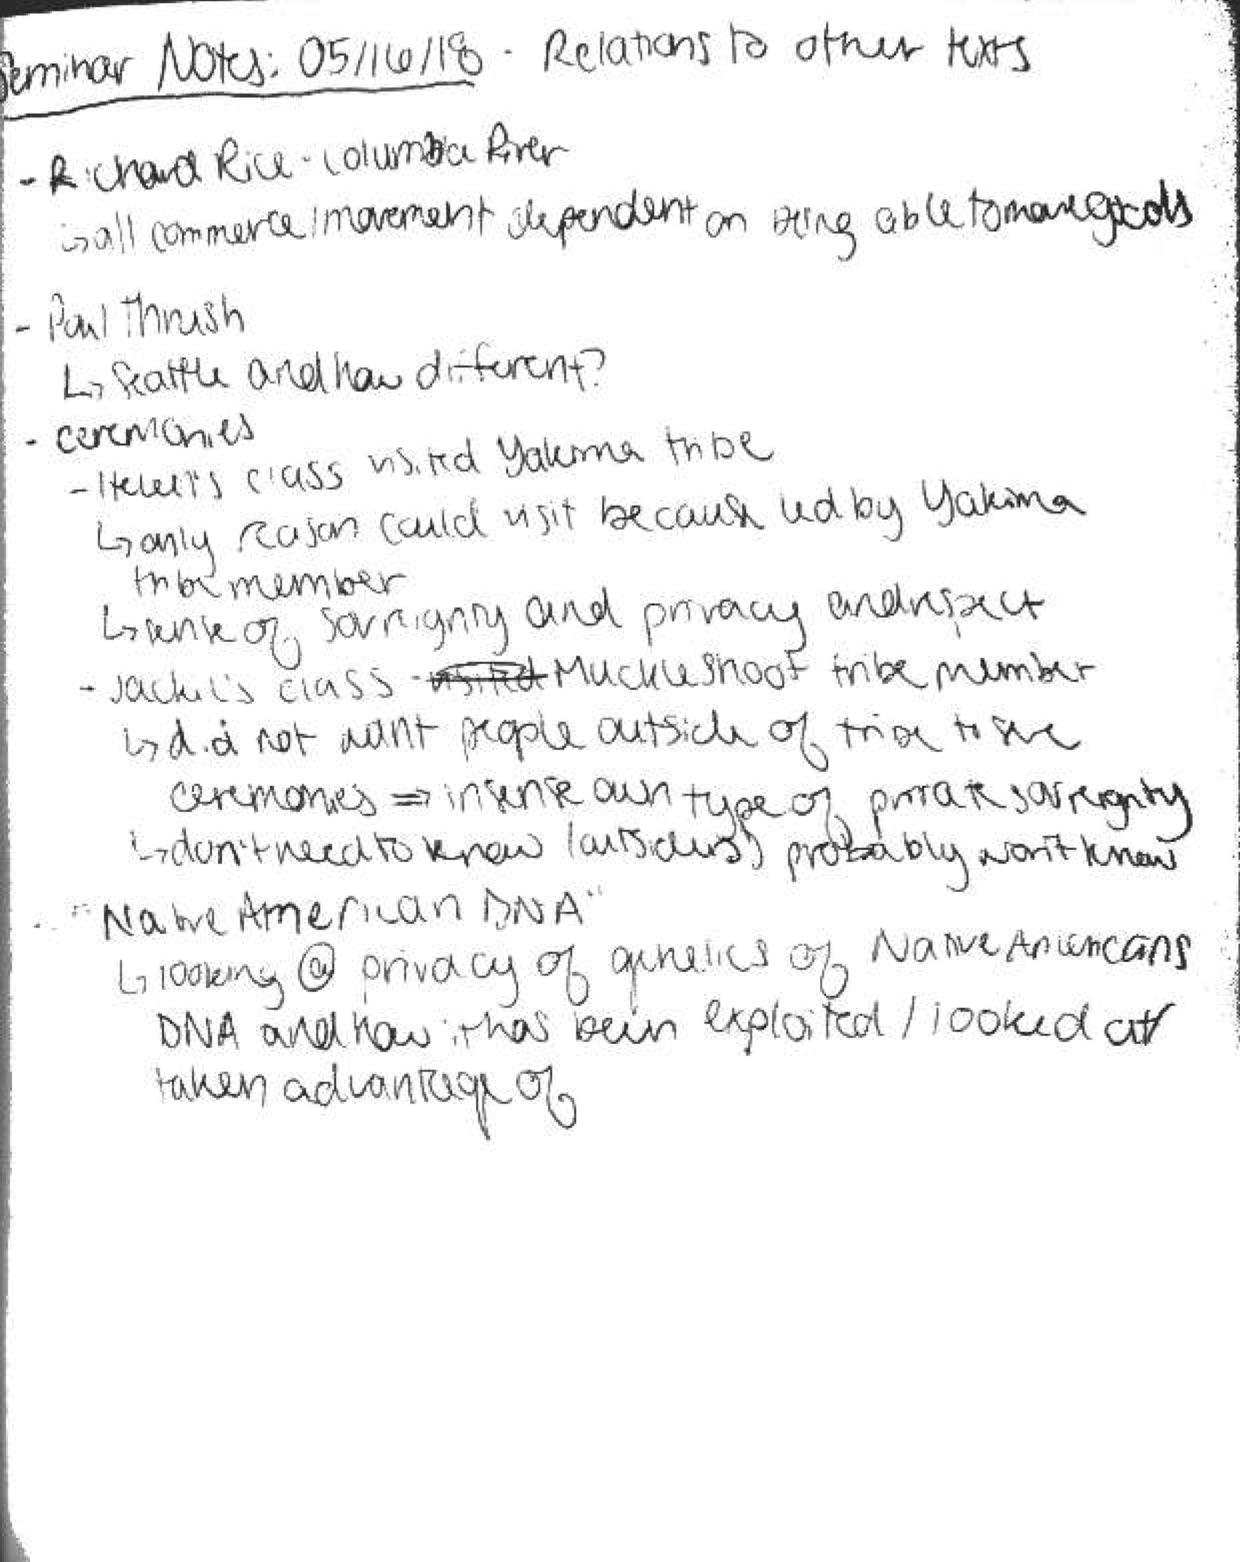 seminar-notes-5-16-18.jpg